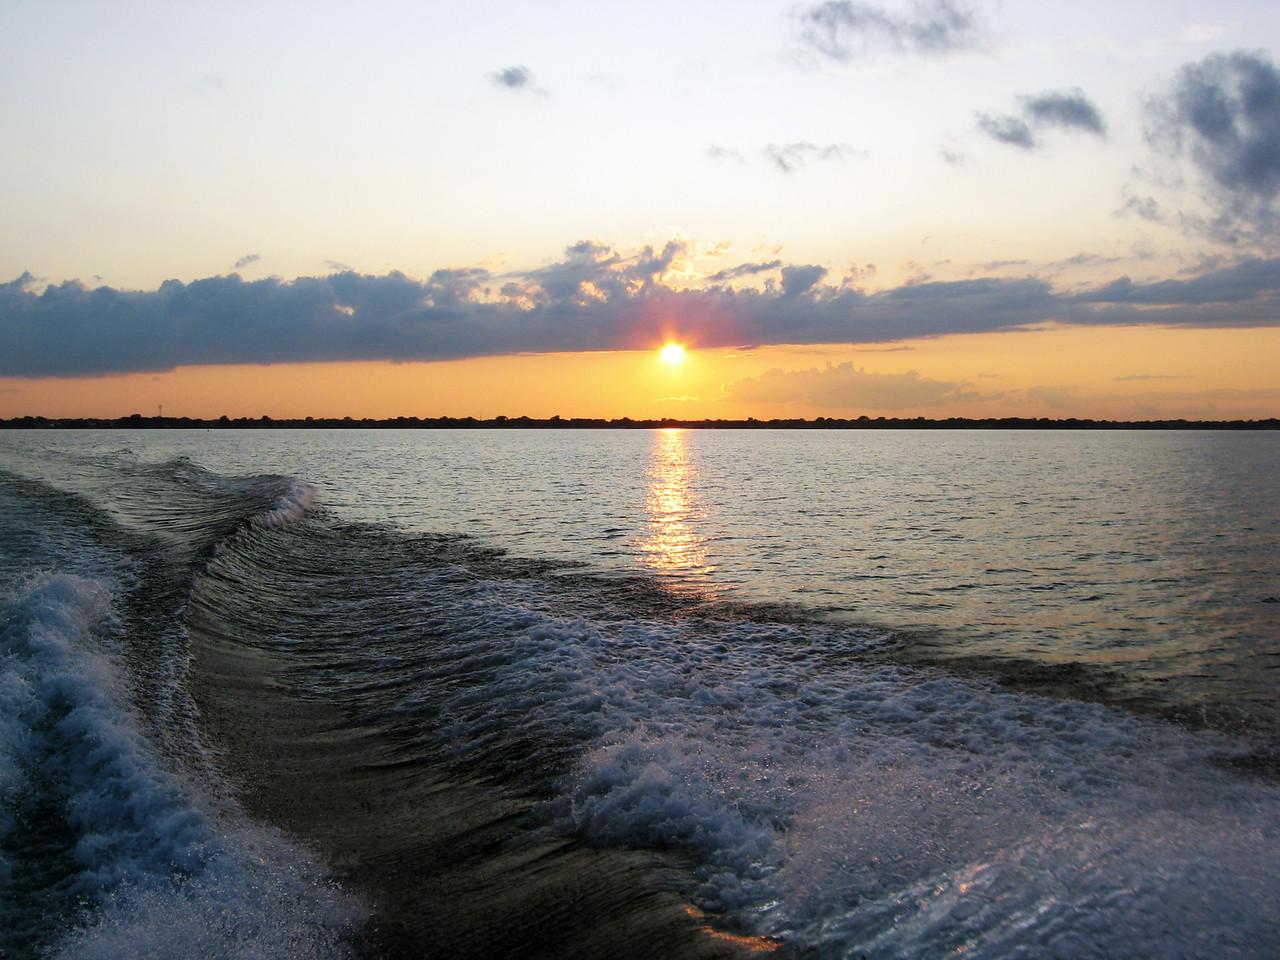 Lake St. Clair Sunset